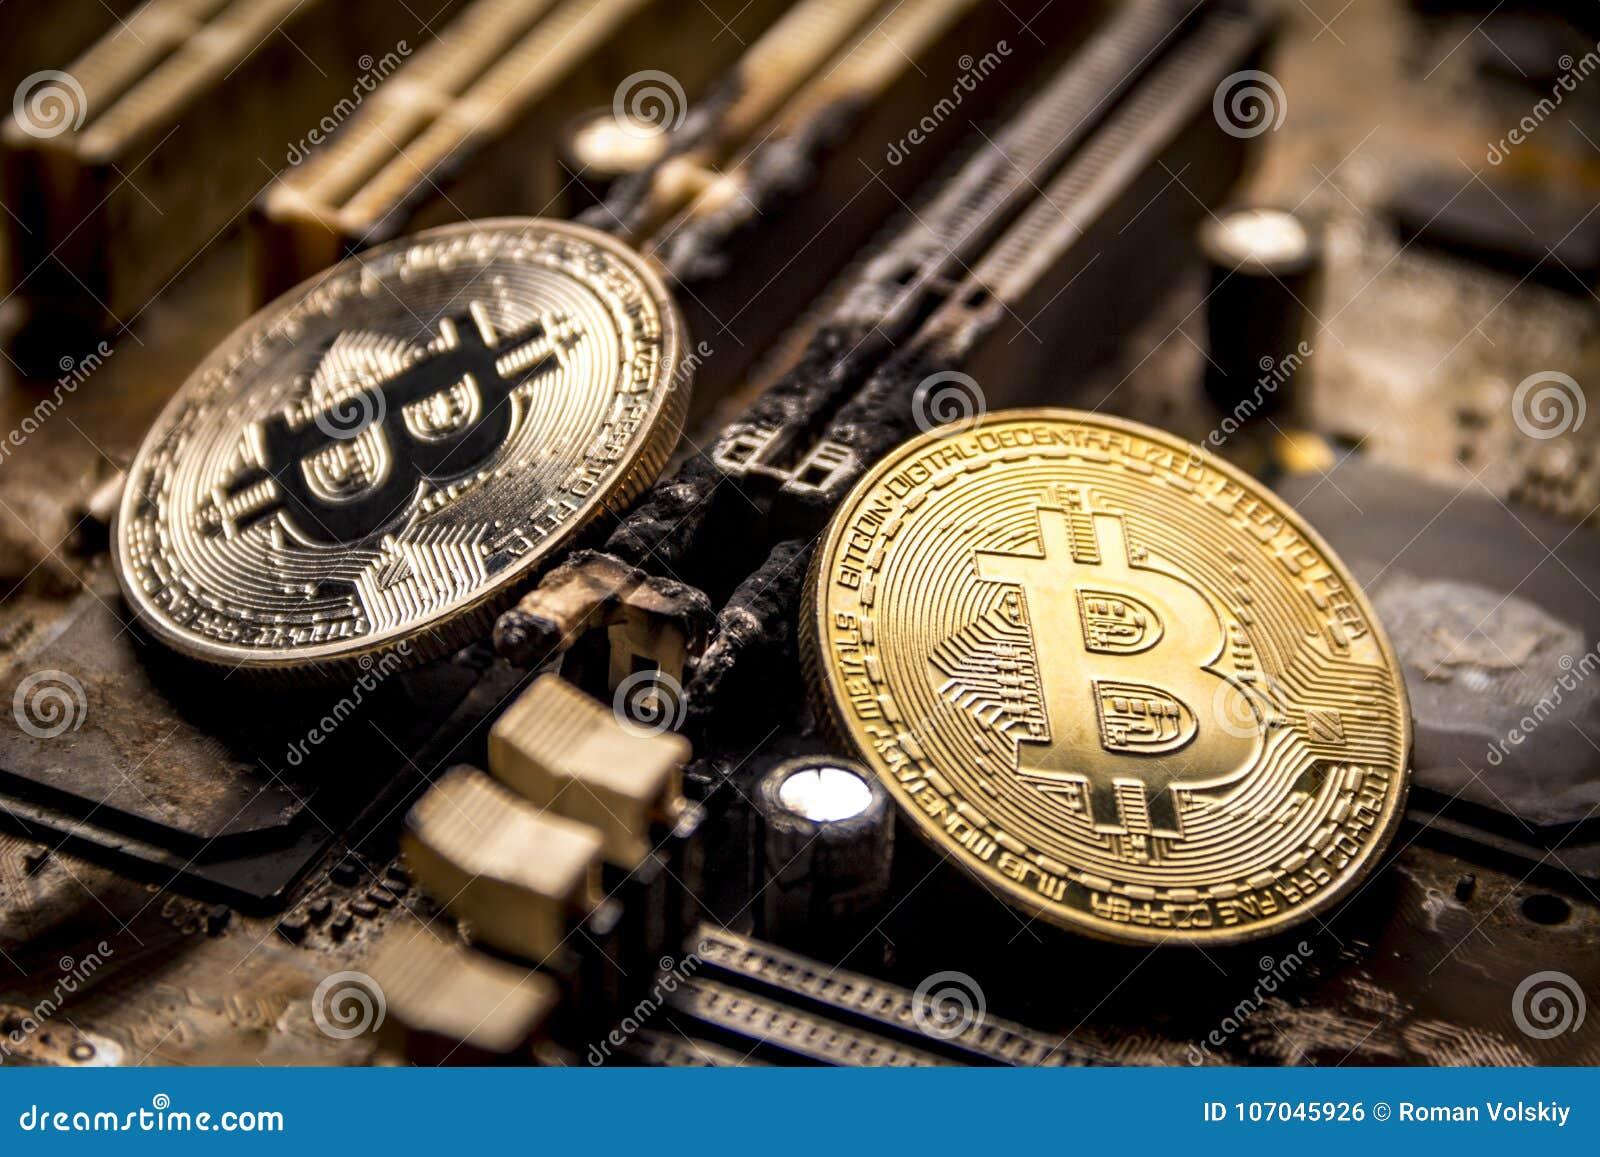 Os bitcoins do ouro e da prata no fundo de um computador eletrônico queimado embarcam